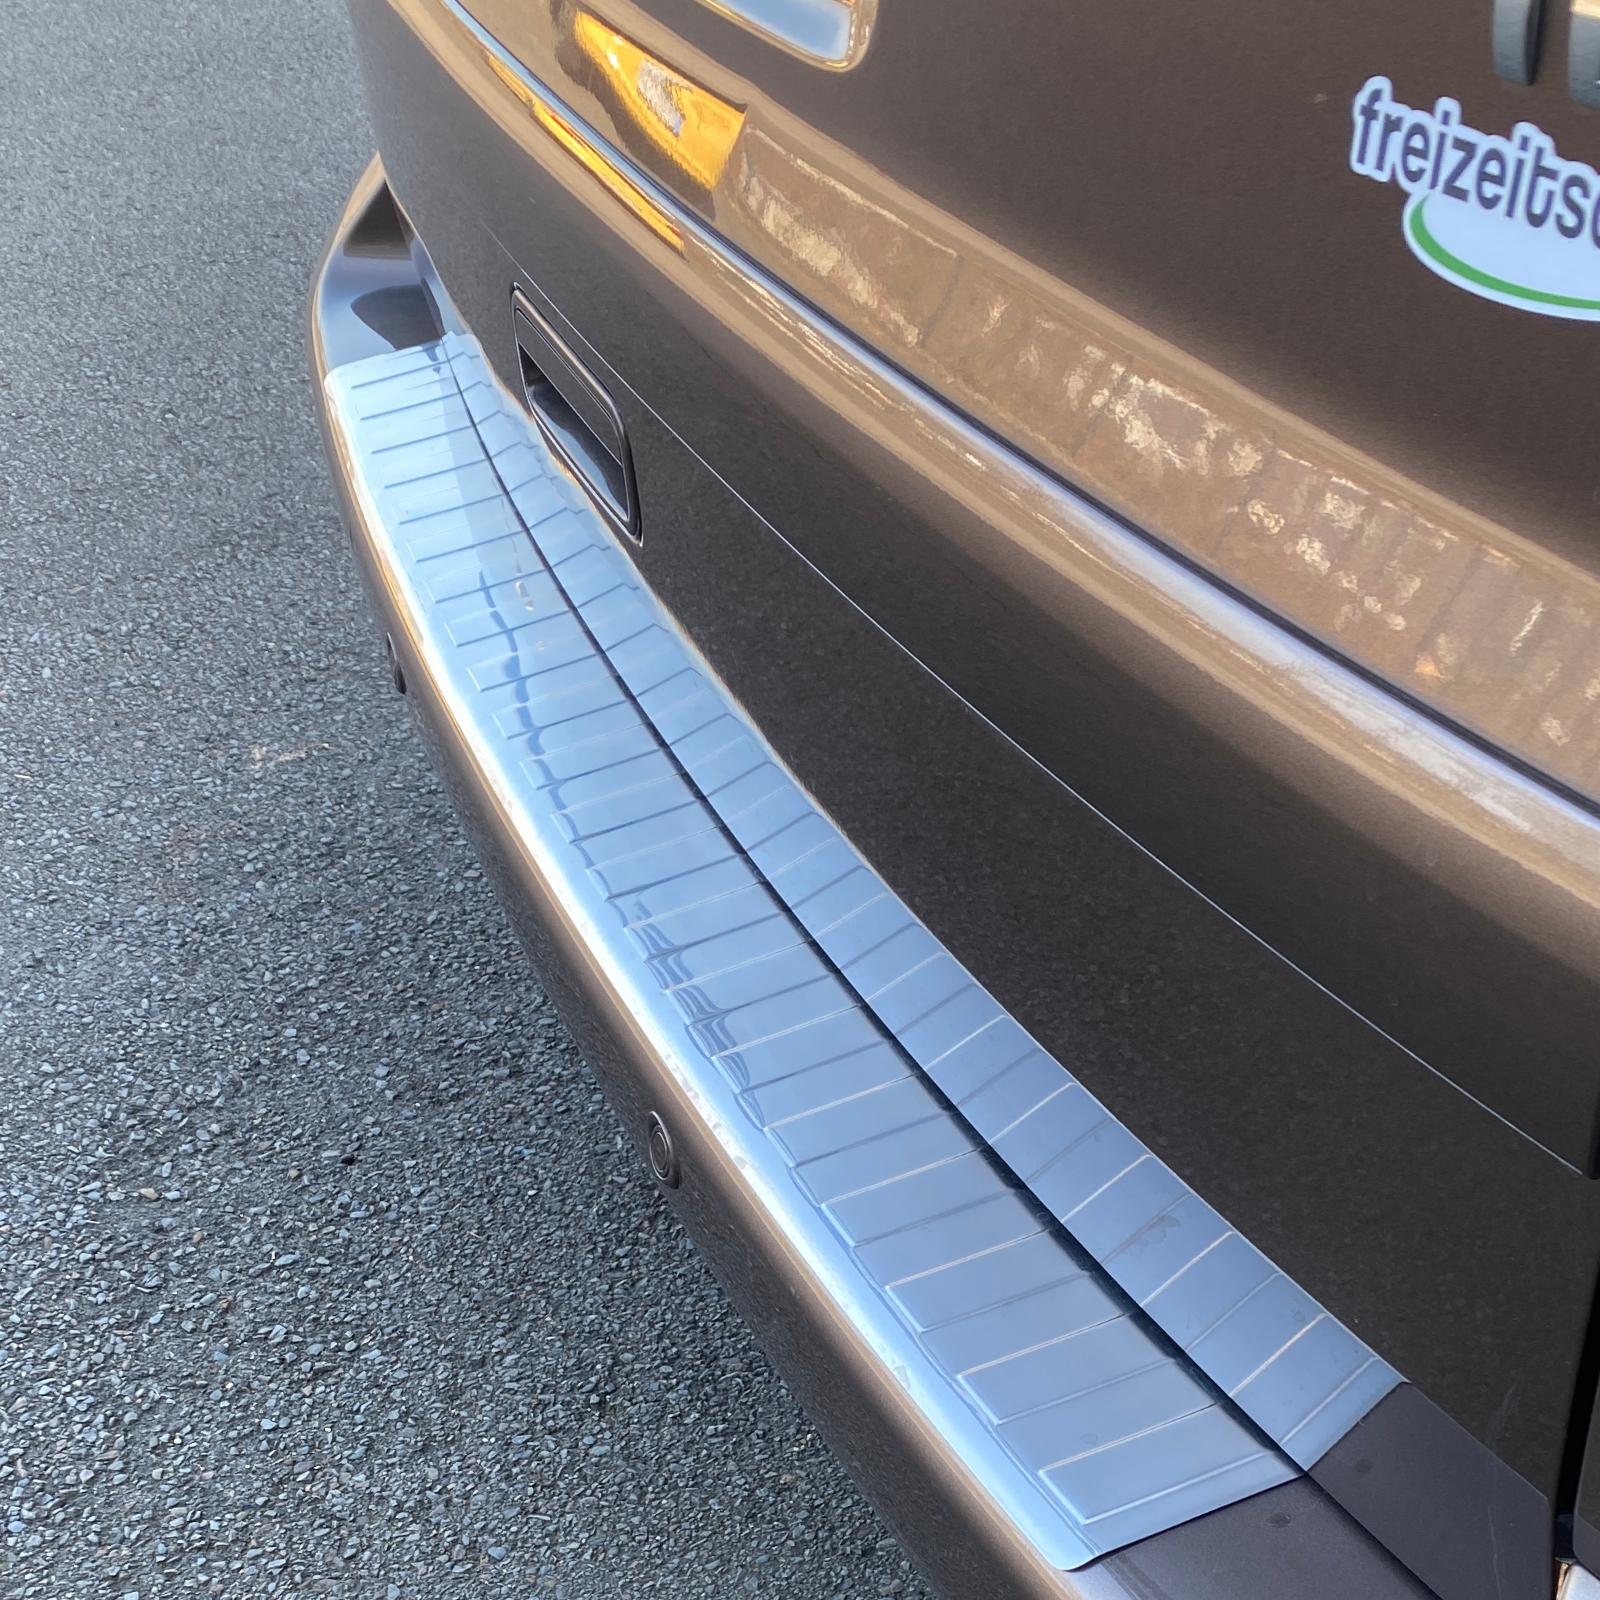 Ladekantenschutz   Edelstahl   passend für VW T5 03-15, Multivan, Caravelle